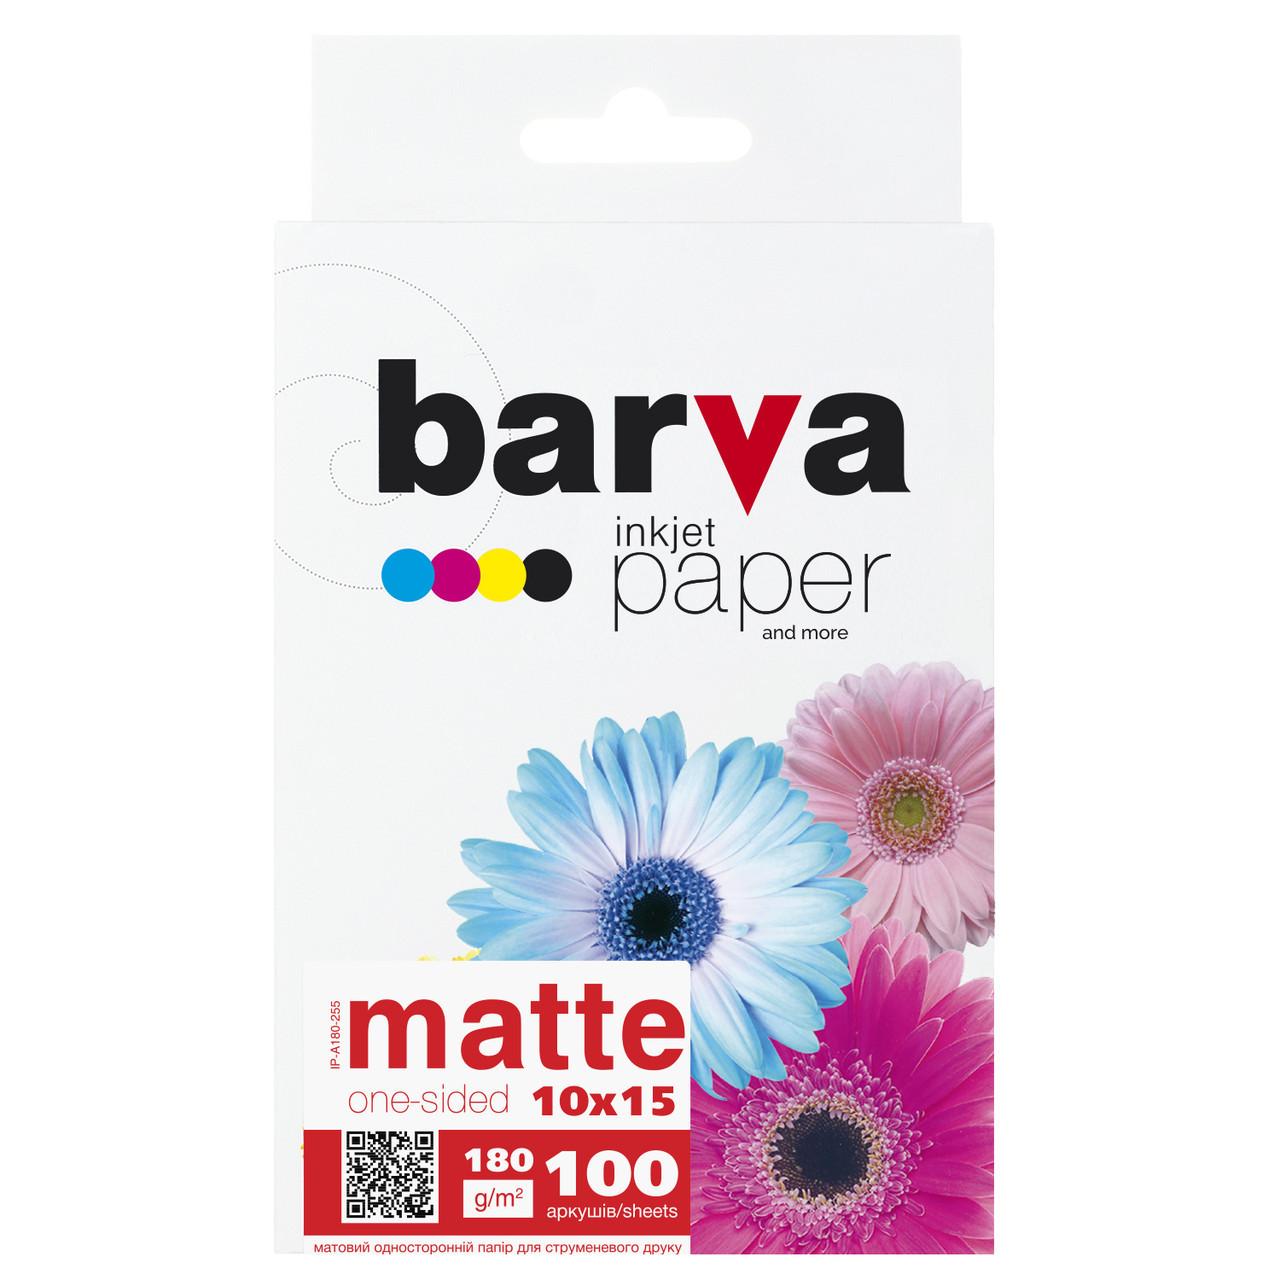 Фотобумага Barva, матовая, А6 (10х15), 180 г/м2, 100 листов (IP-A180-255)